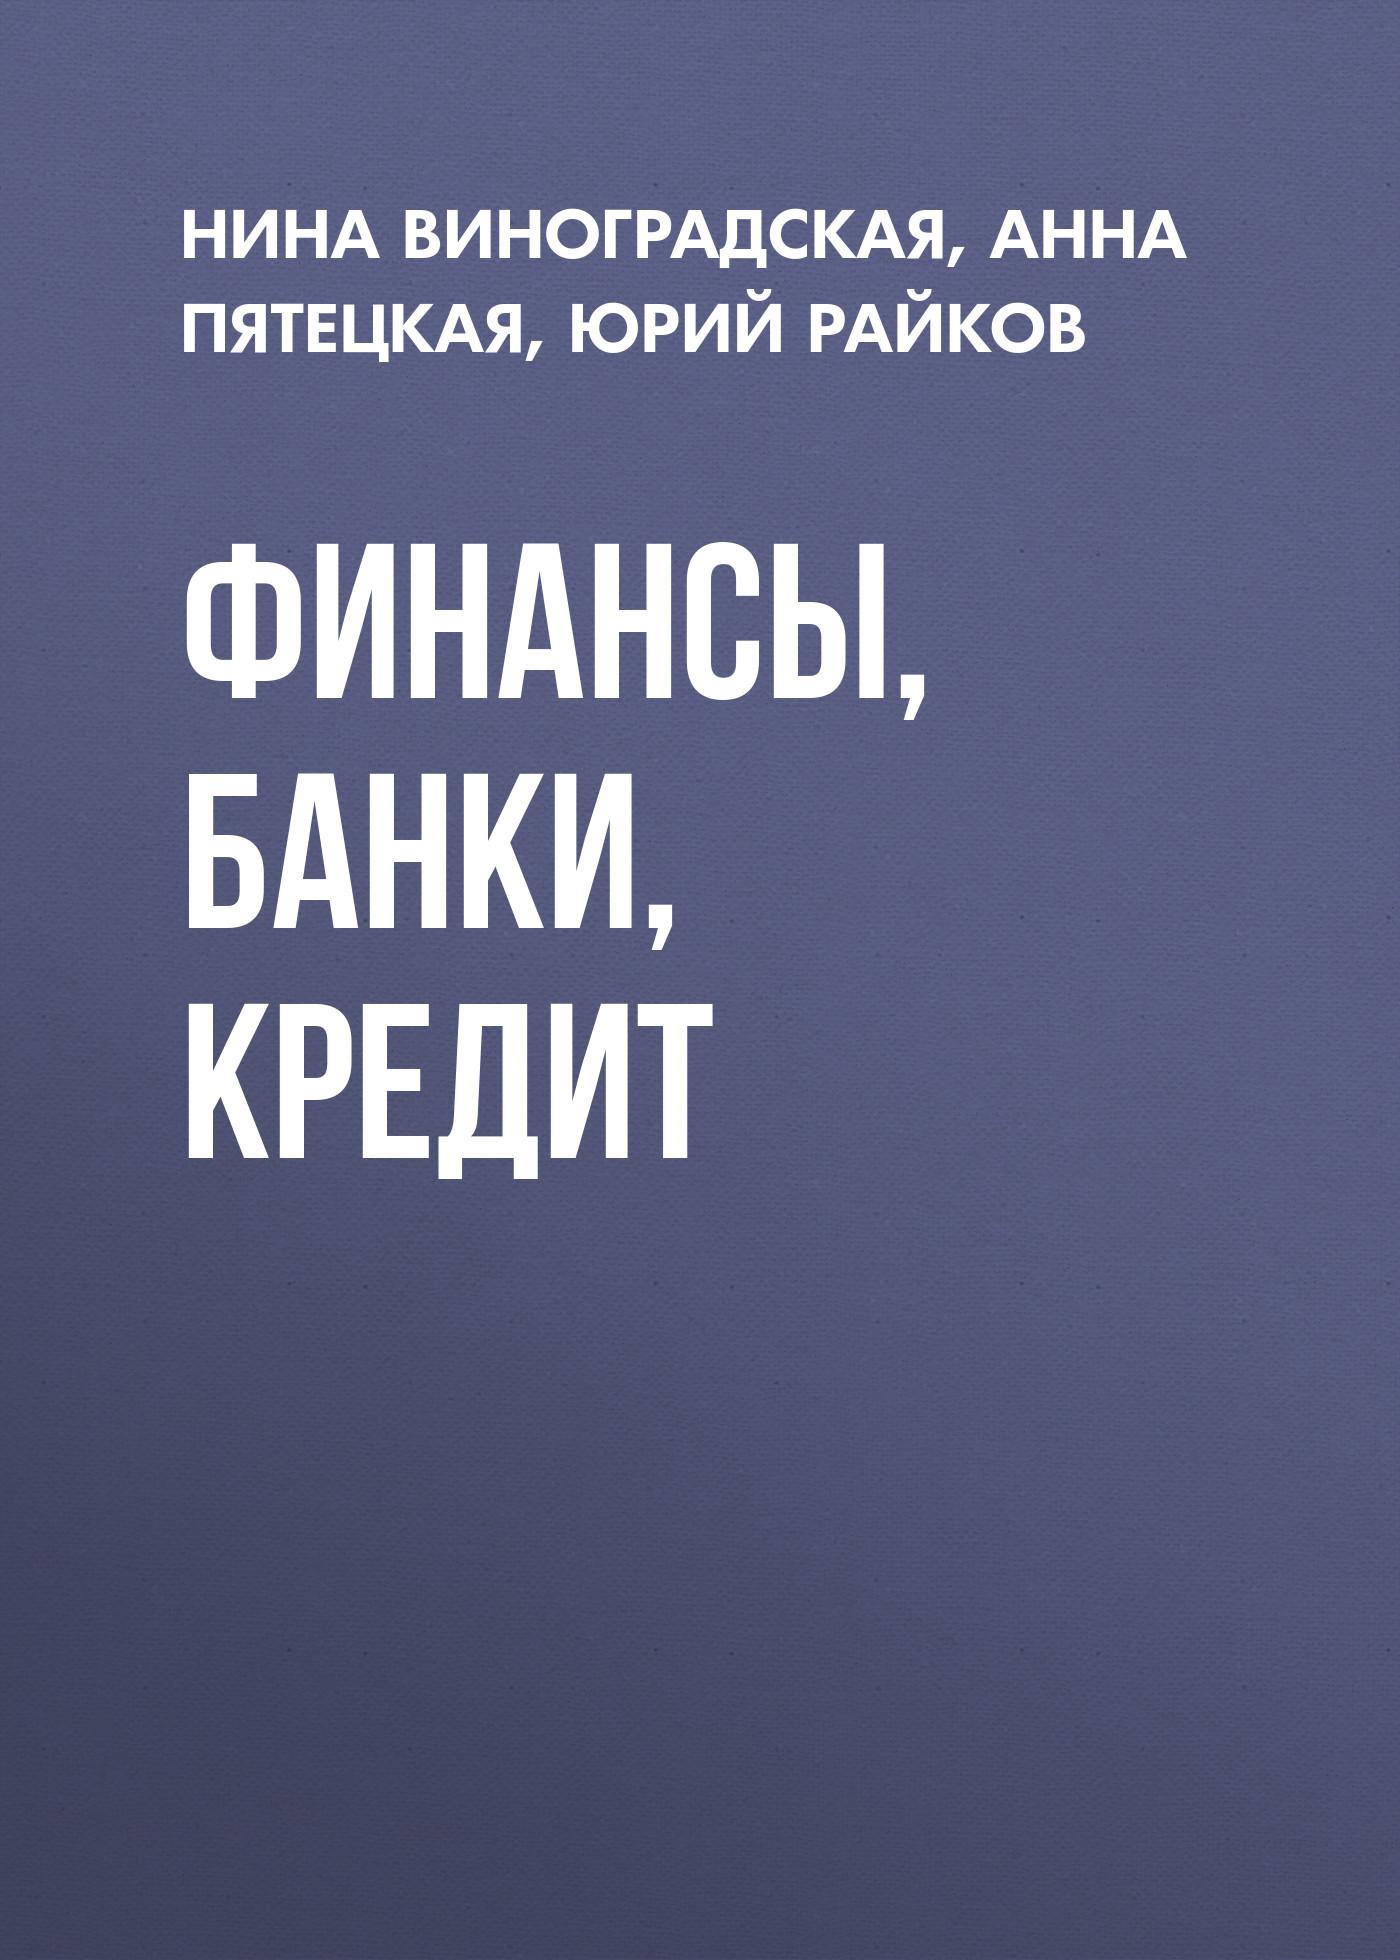 Нина Виноградская Финансы, банки, кредит купить в кредит авто 150 тысяч